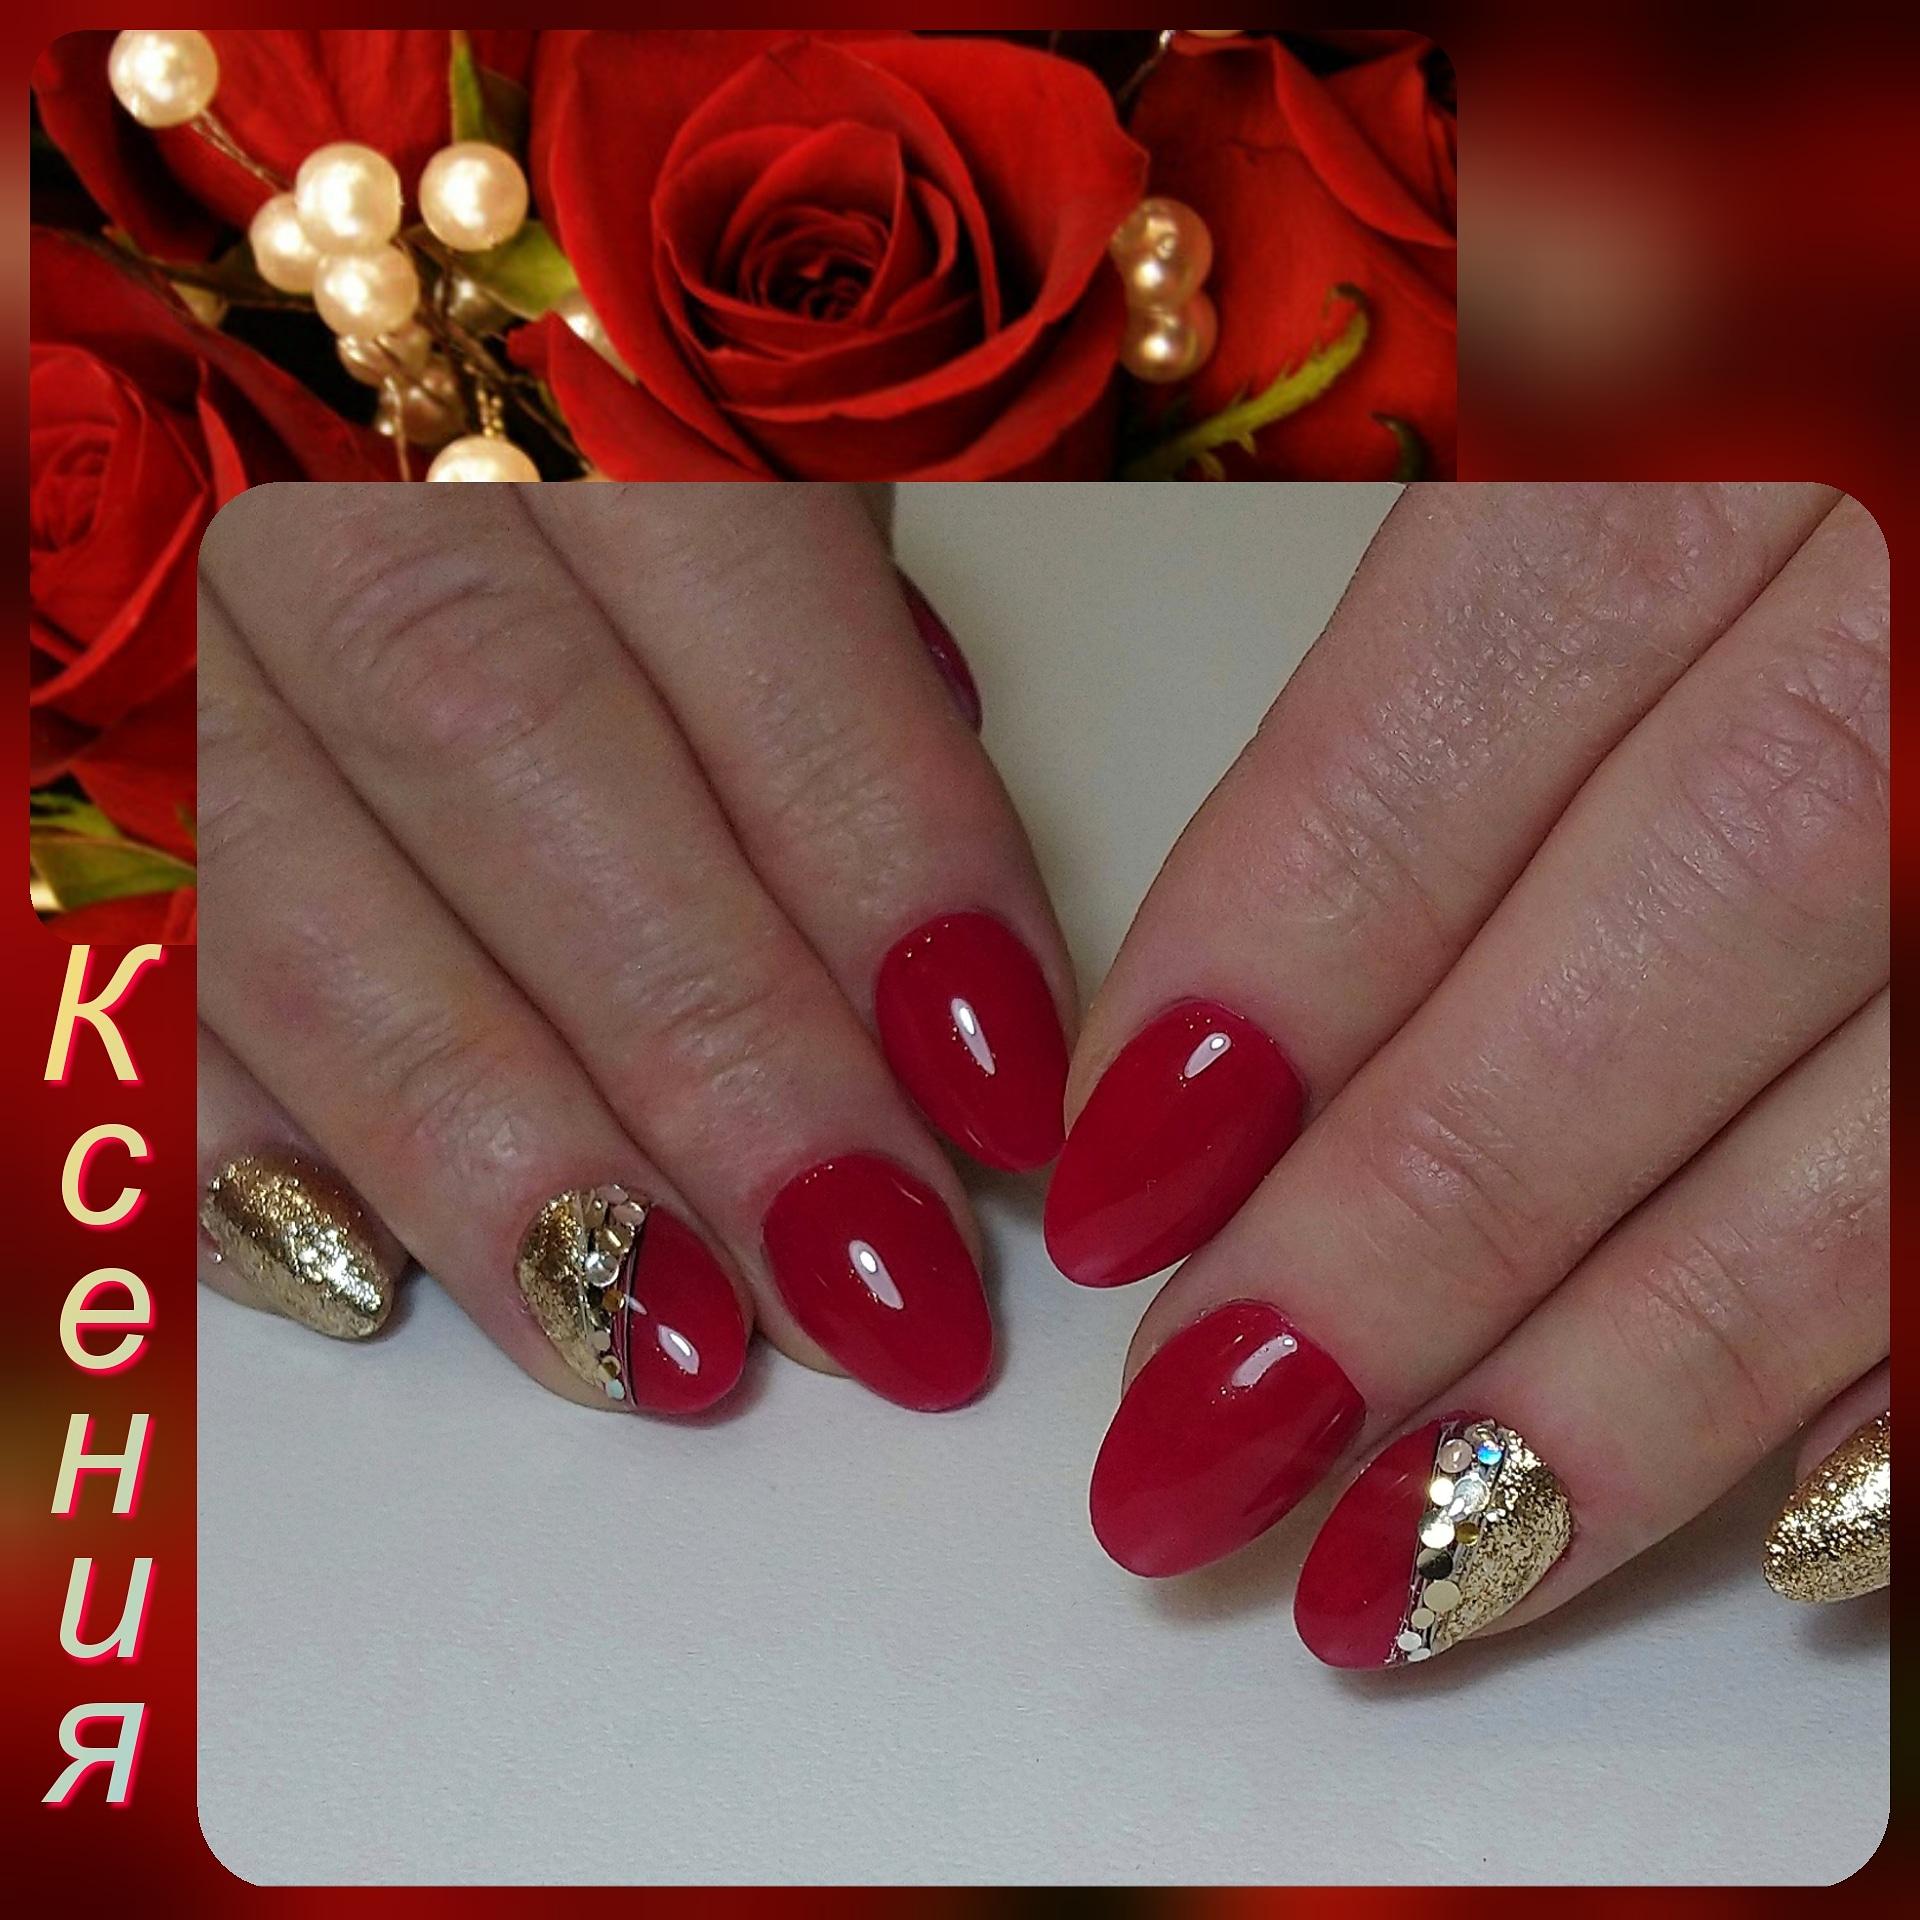 Маникюр с золотыми блестками и камифубуки в бордовом цвете на короткие ногти.